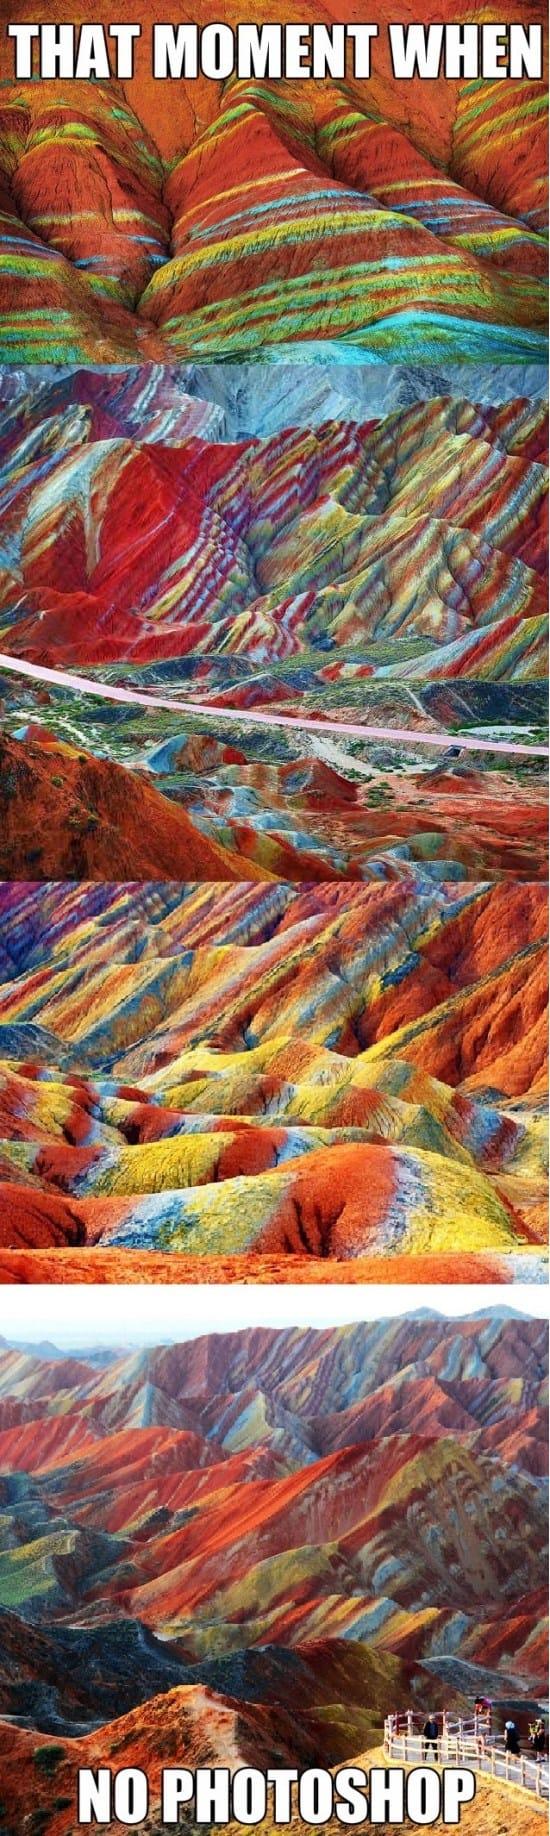 the-zhangye-danxia-mountains-funny-meme-and-gif